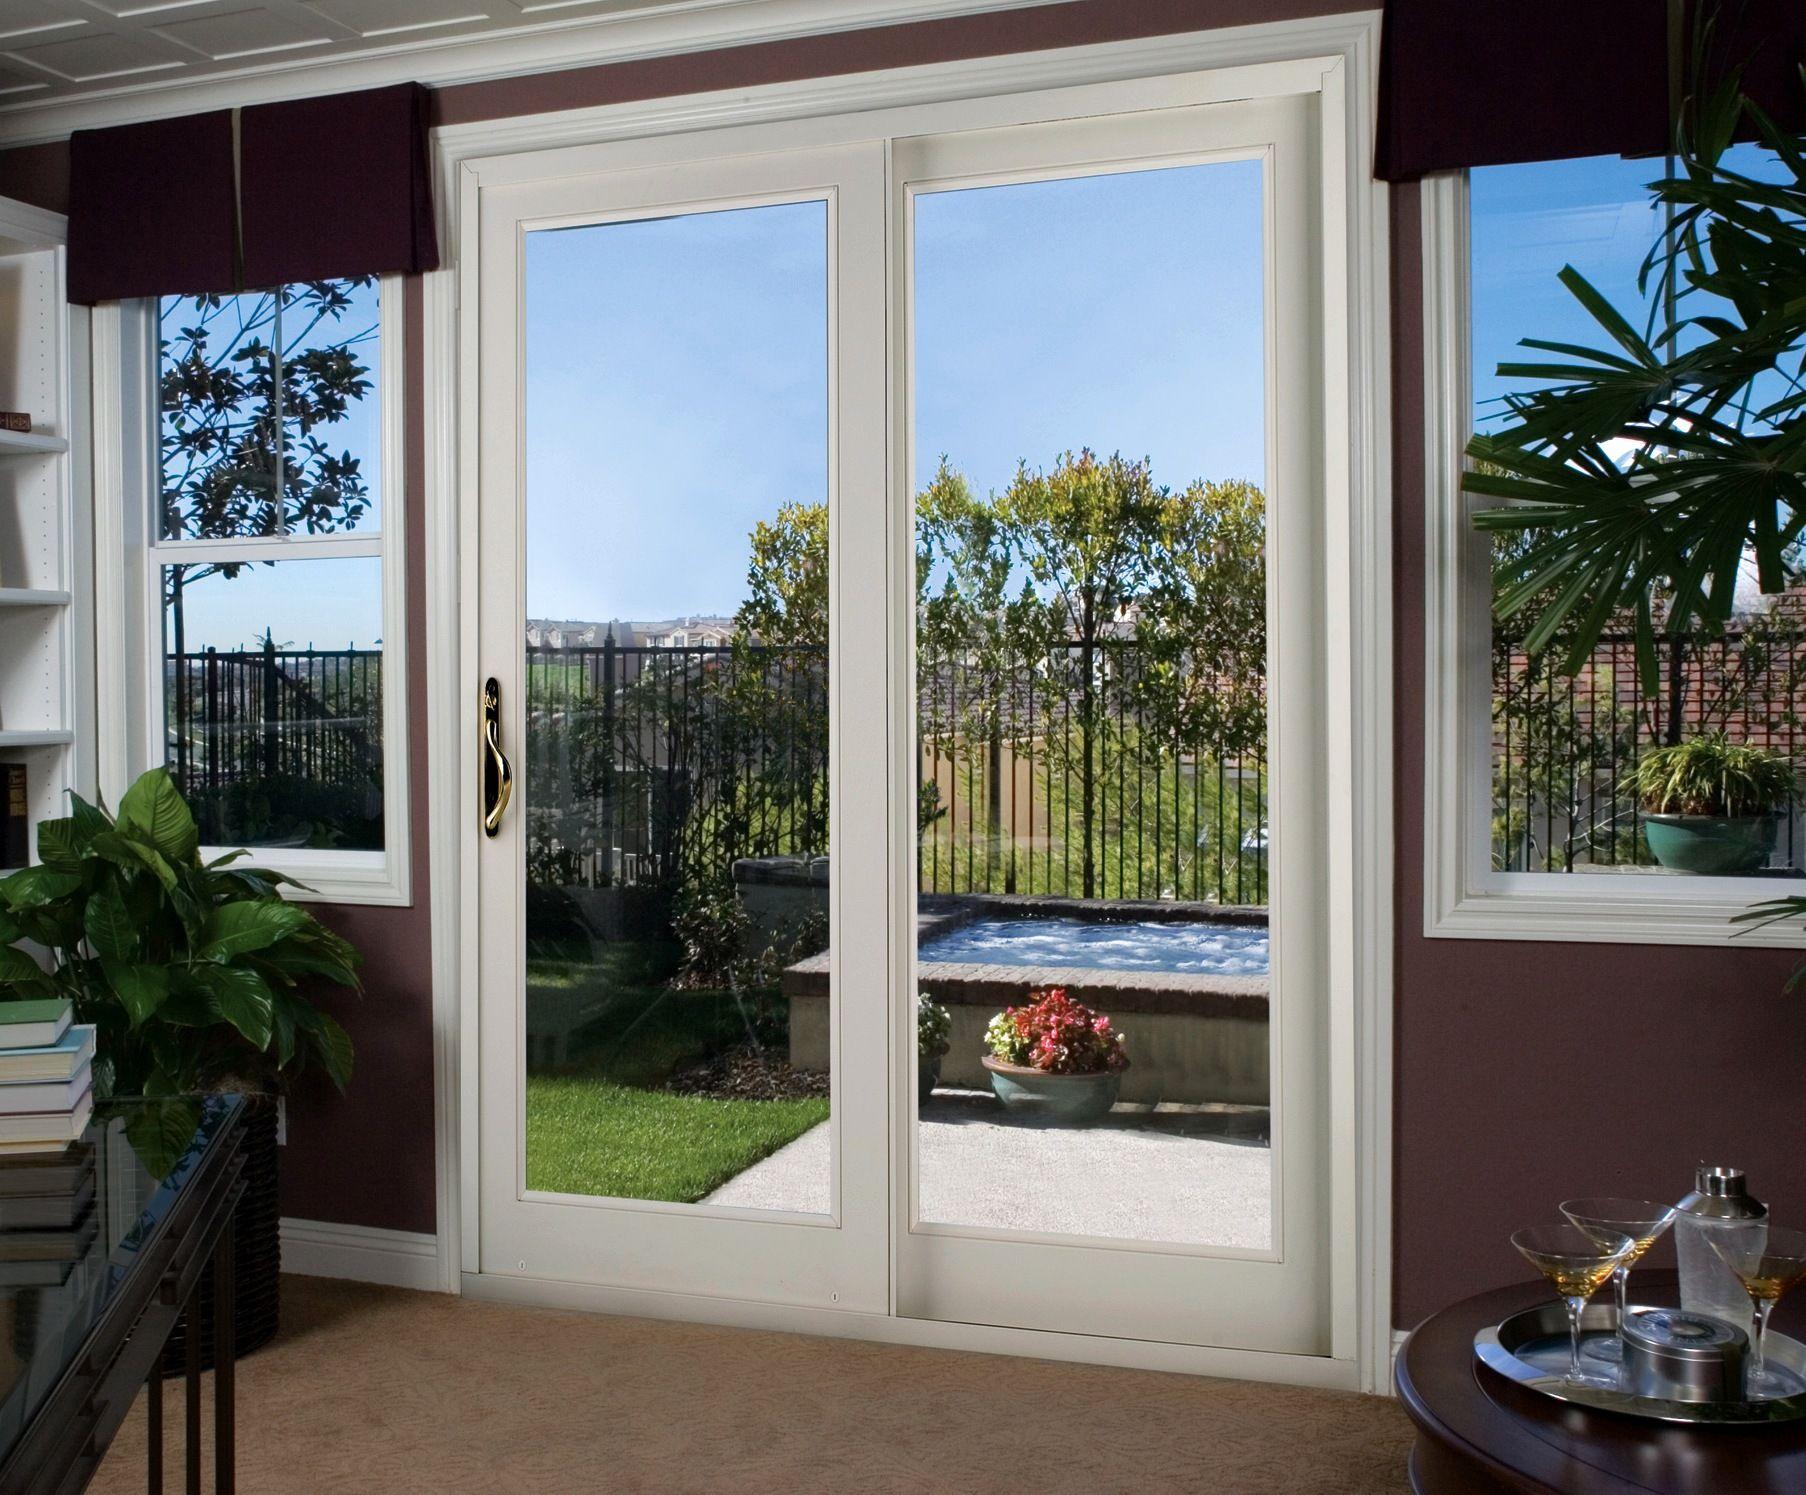 Sliding Patio Door By Sunview | Windows, Doors, Shutters ...